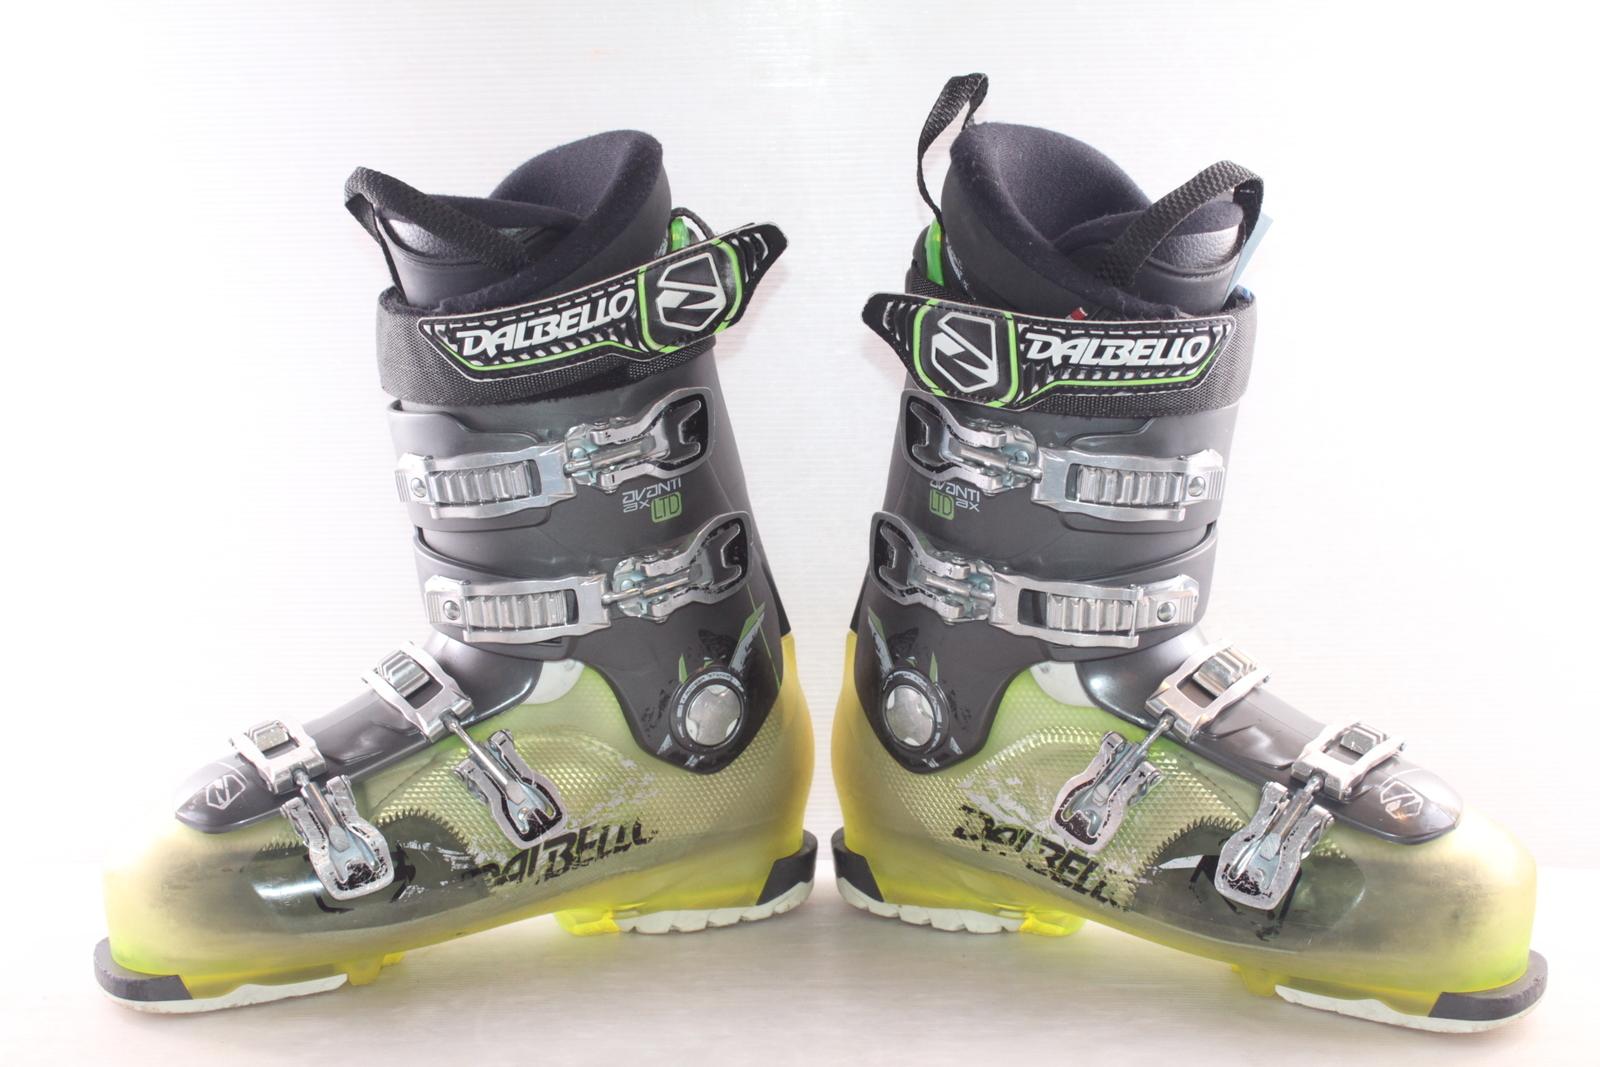 Lyžařské boty Dalbello Avanti LTD ax vel. EU44.5 flexe 85